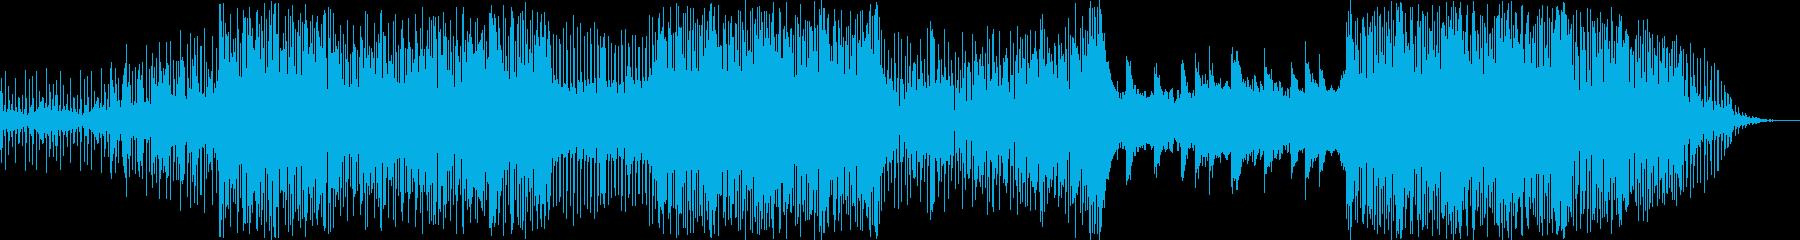 バリバリ疾走感EDMの再生済みの波形